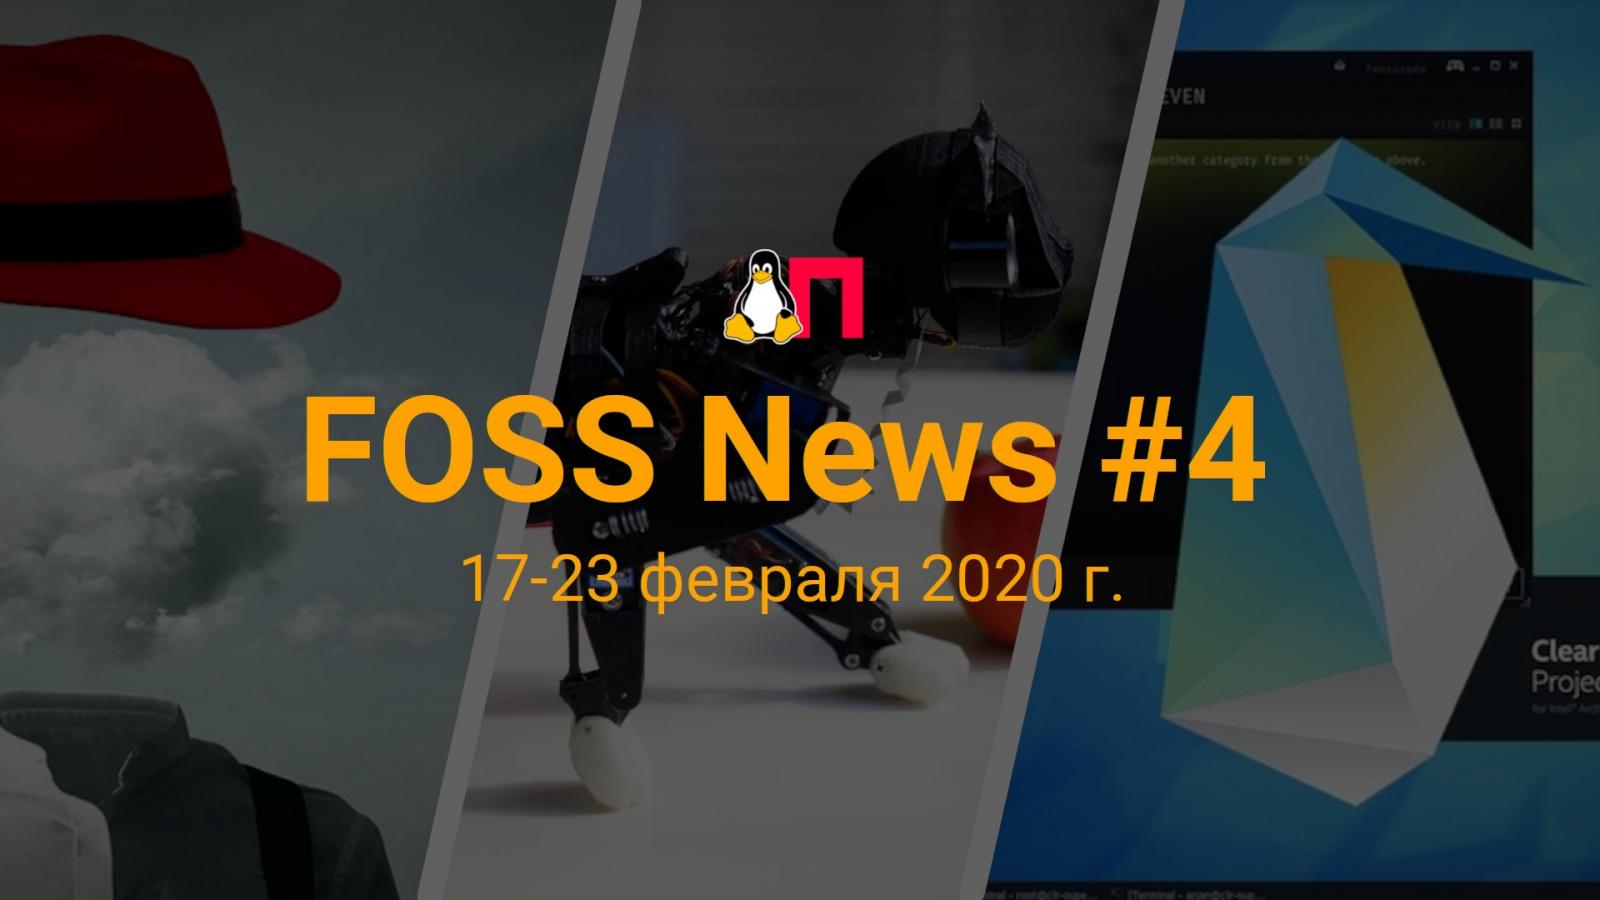 FOSS News №4 — обзор новостей свободного и открытого ПО за 17-23 февраля 2020 года - 1